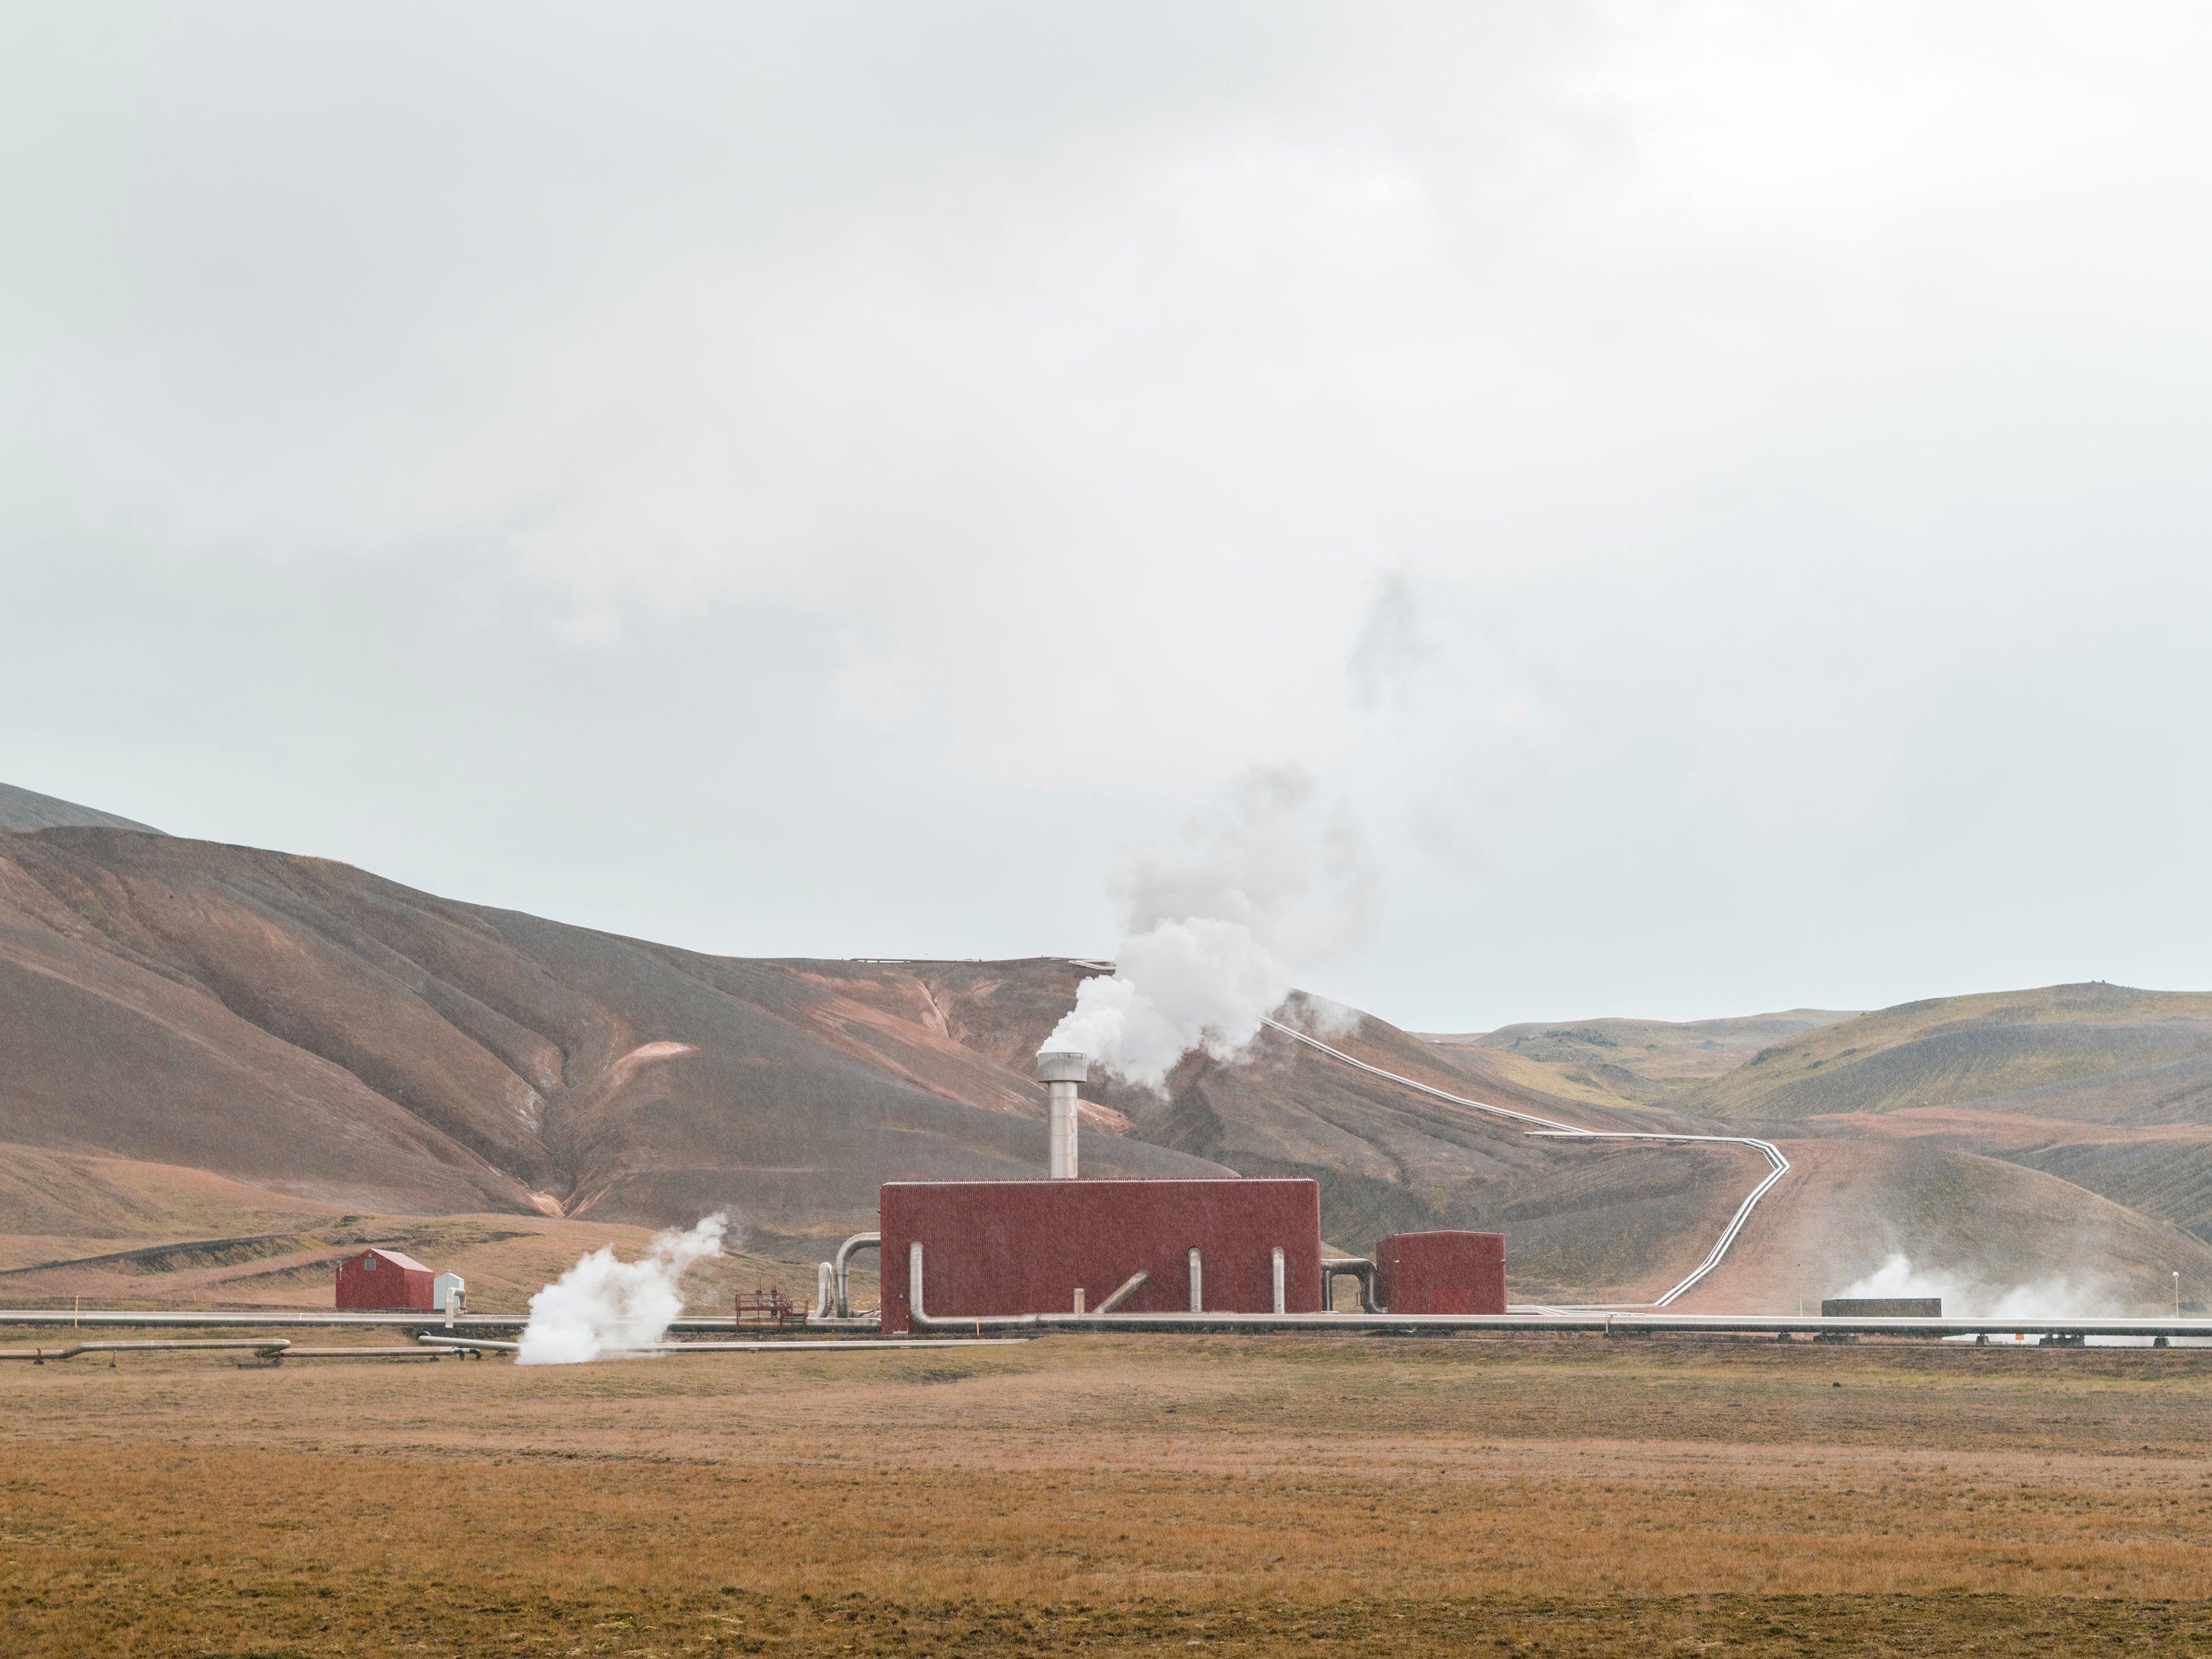 iceland-climate-change-geothermal-plant-emissions-unsplash